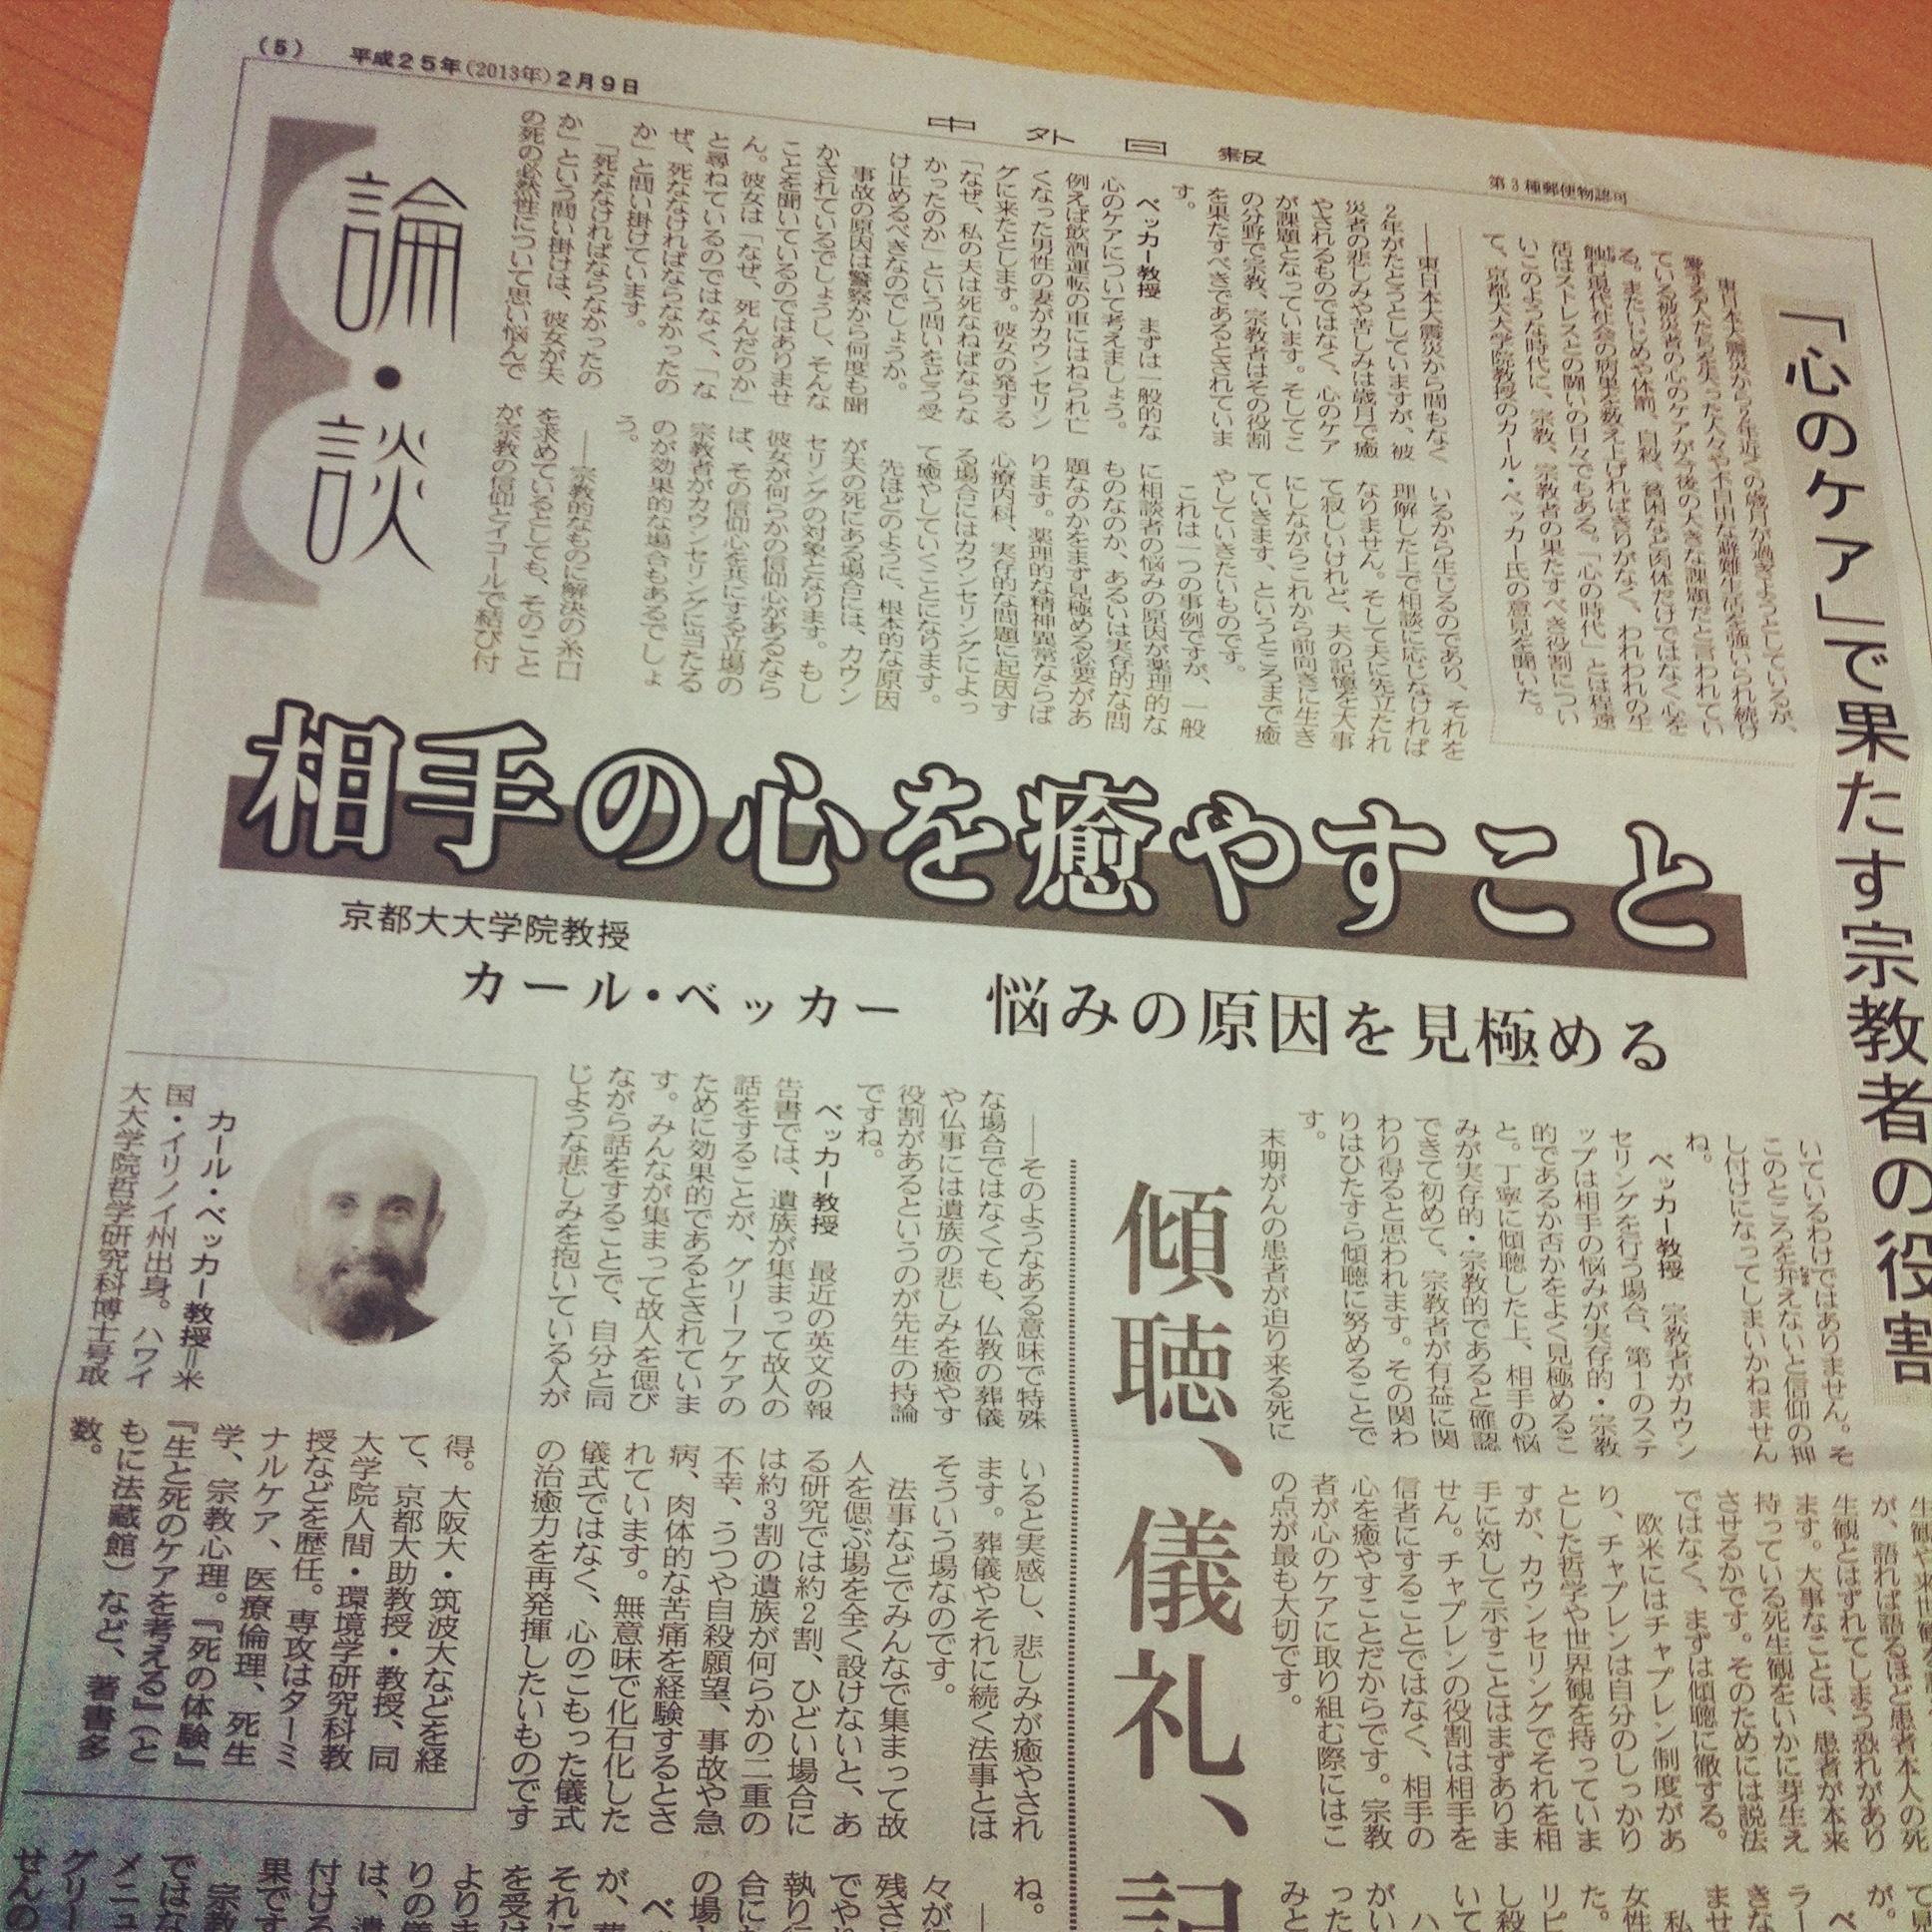 「『心のケア』で果たす宗教者の役割」ベッカー教授のインタビューが中外日報に掲載されました